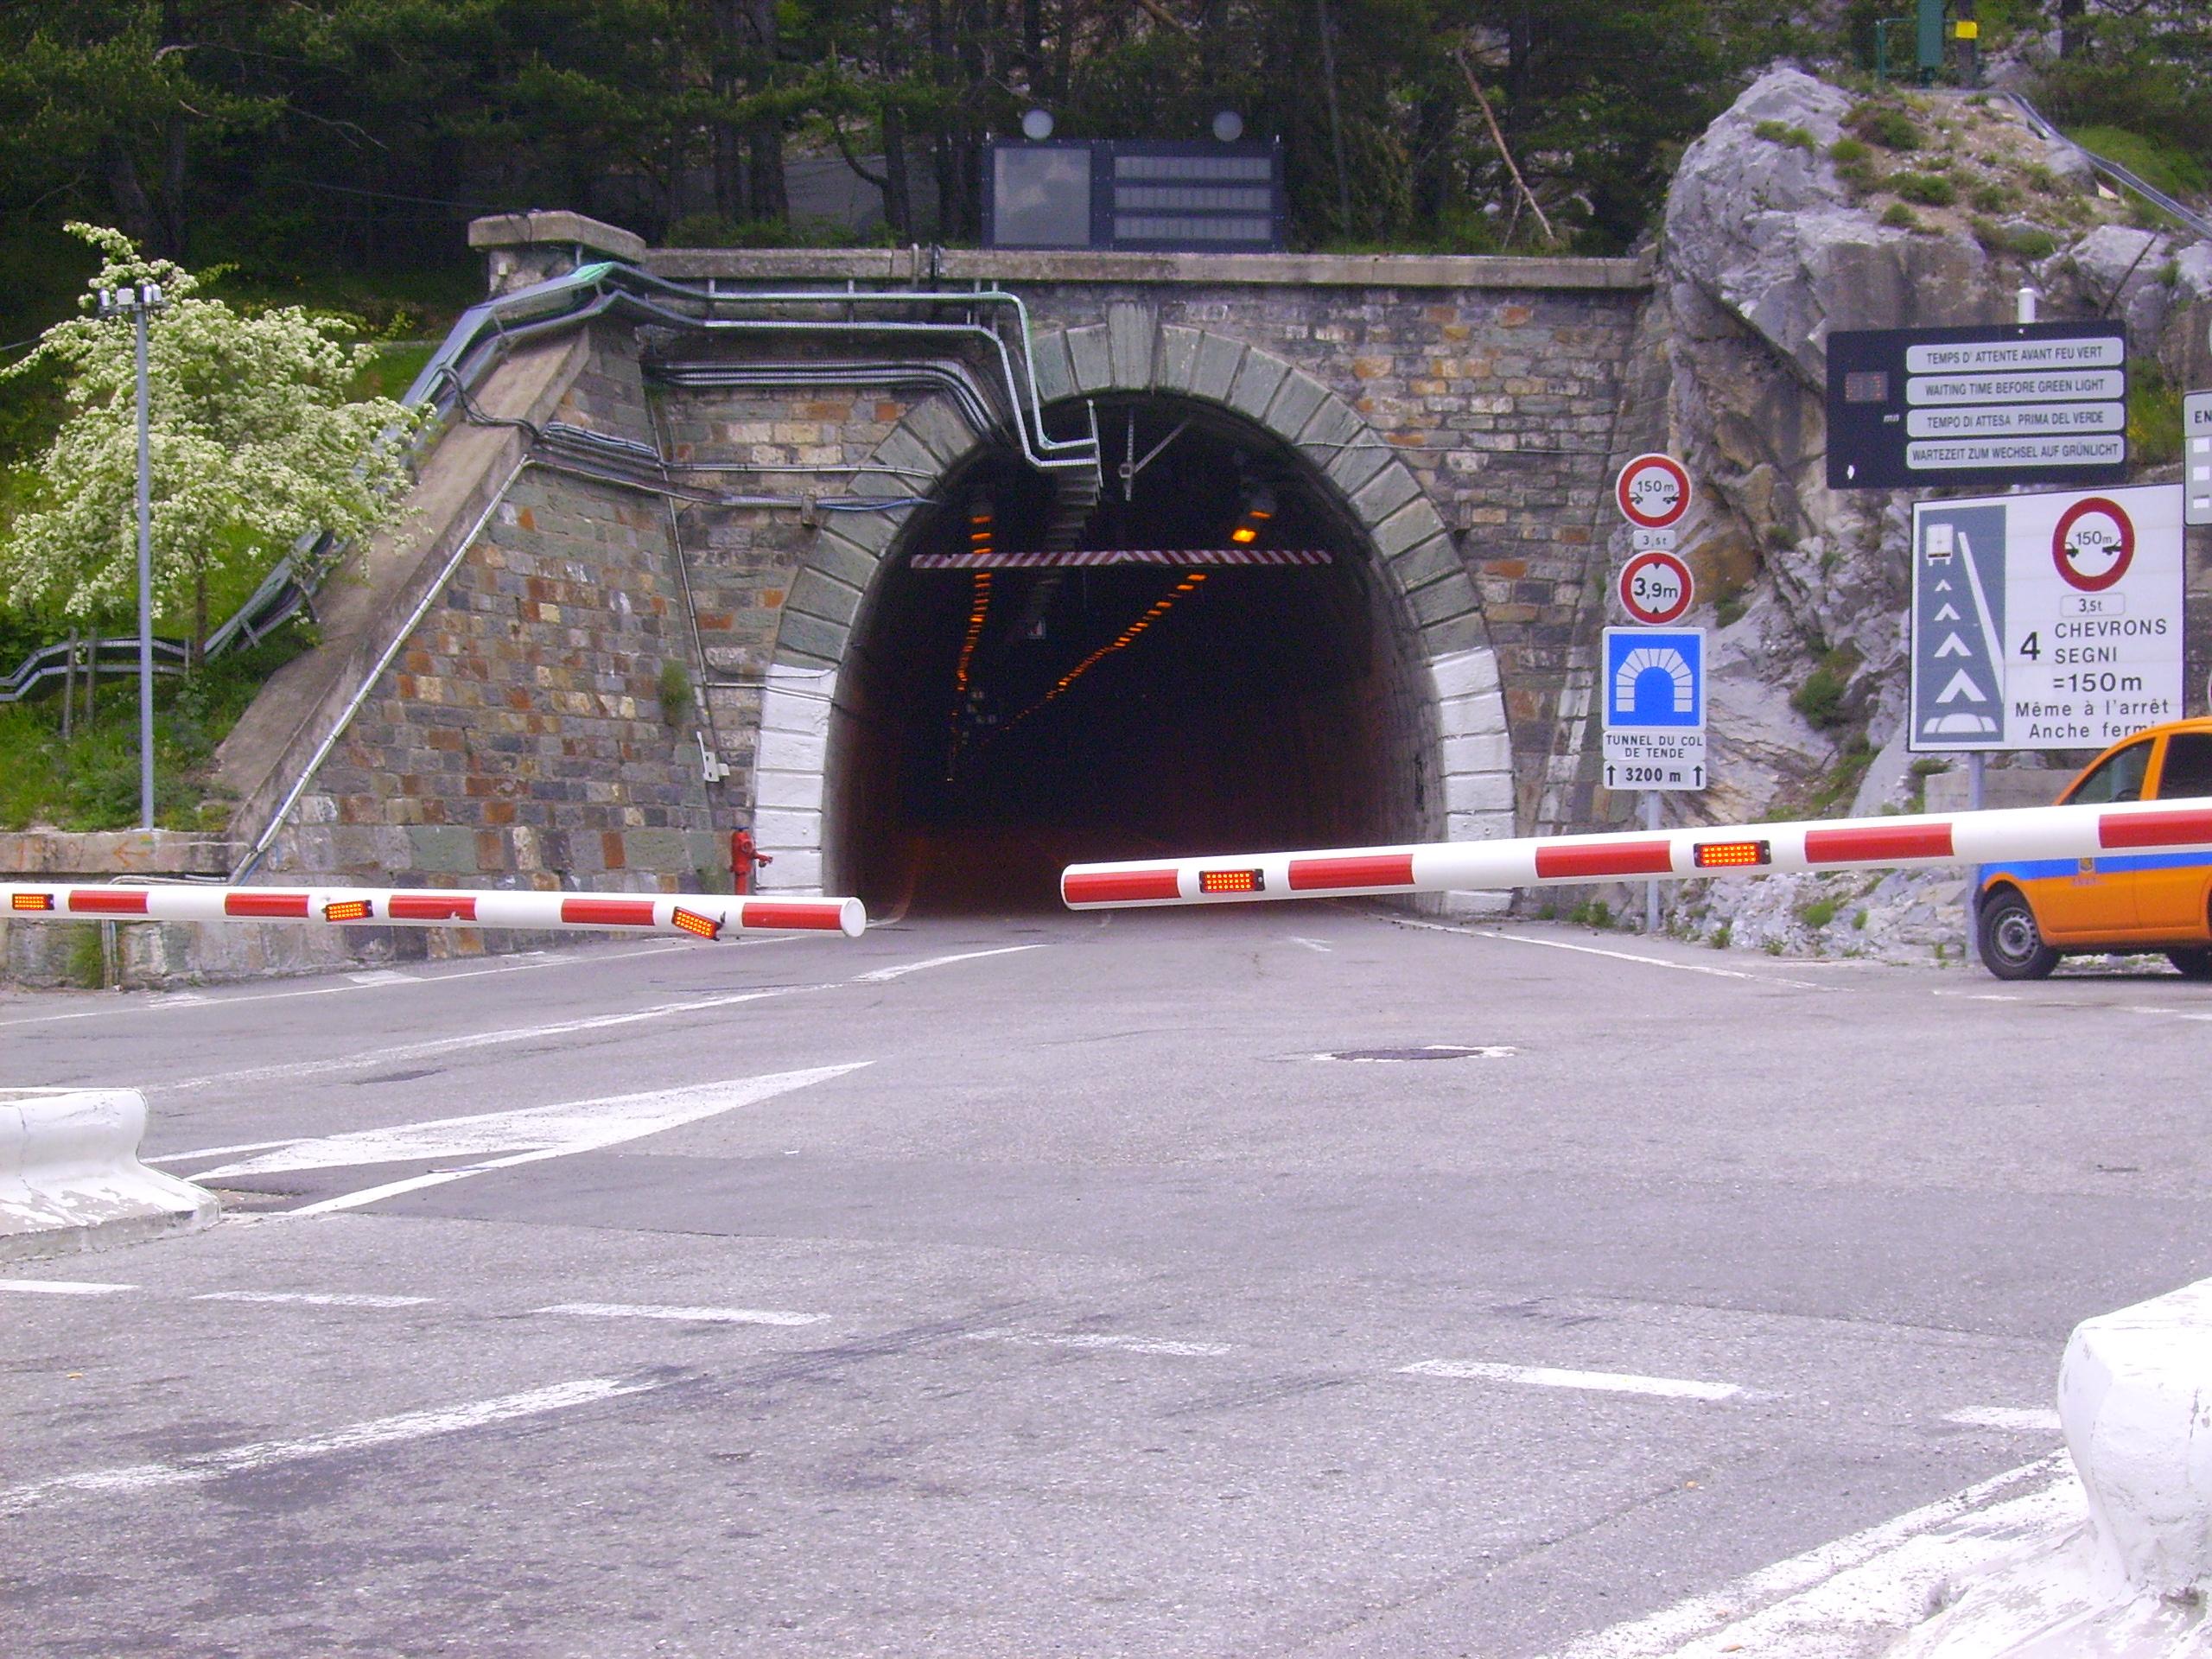 Tende A Tunnel.File Tunnel De Tende Par Tende Jpg Wikimedia Commons